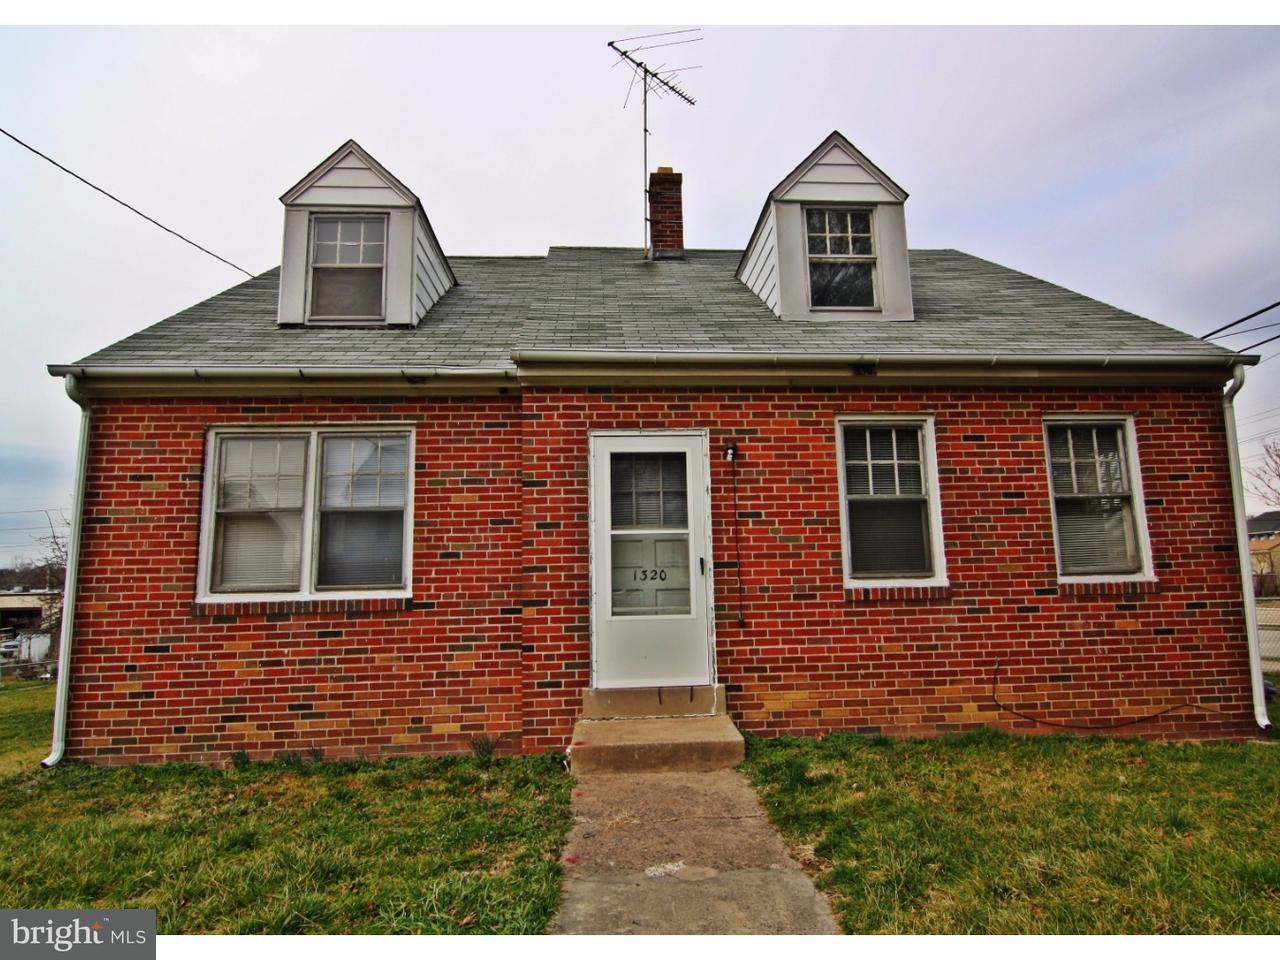 Частный односемейный дом для того Продажа на 1320 E 13TH Street Crum Lynne, Пенсильвания 19022 Соединенные Штаты